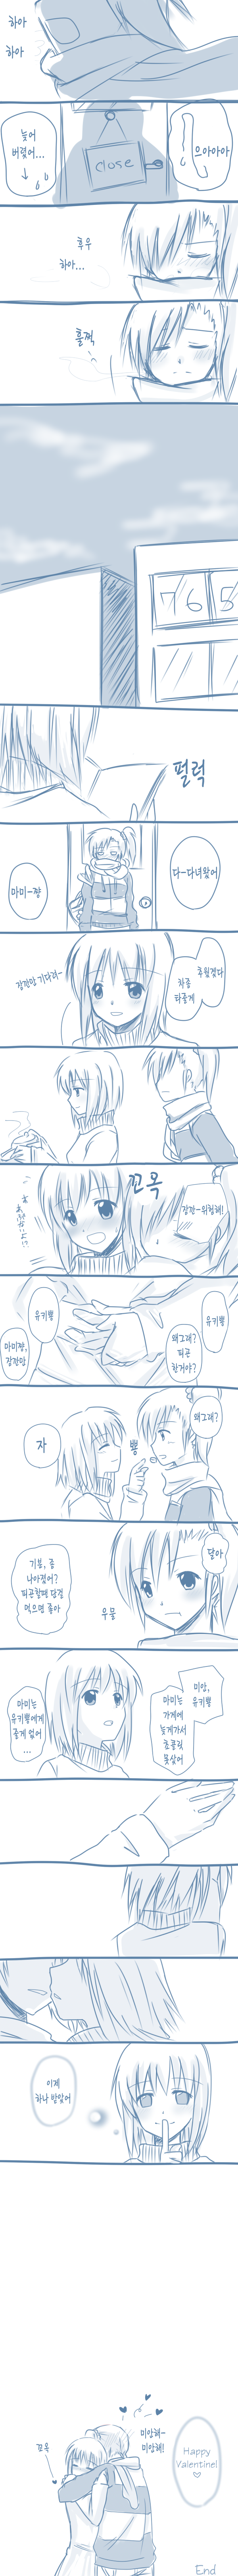 [번역]아이돌마스터-amkt - 발렌타인 데이 (유..